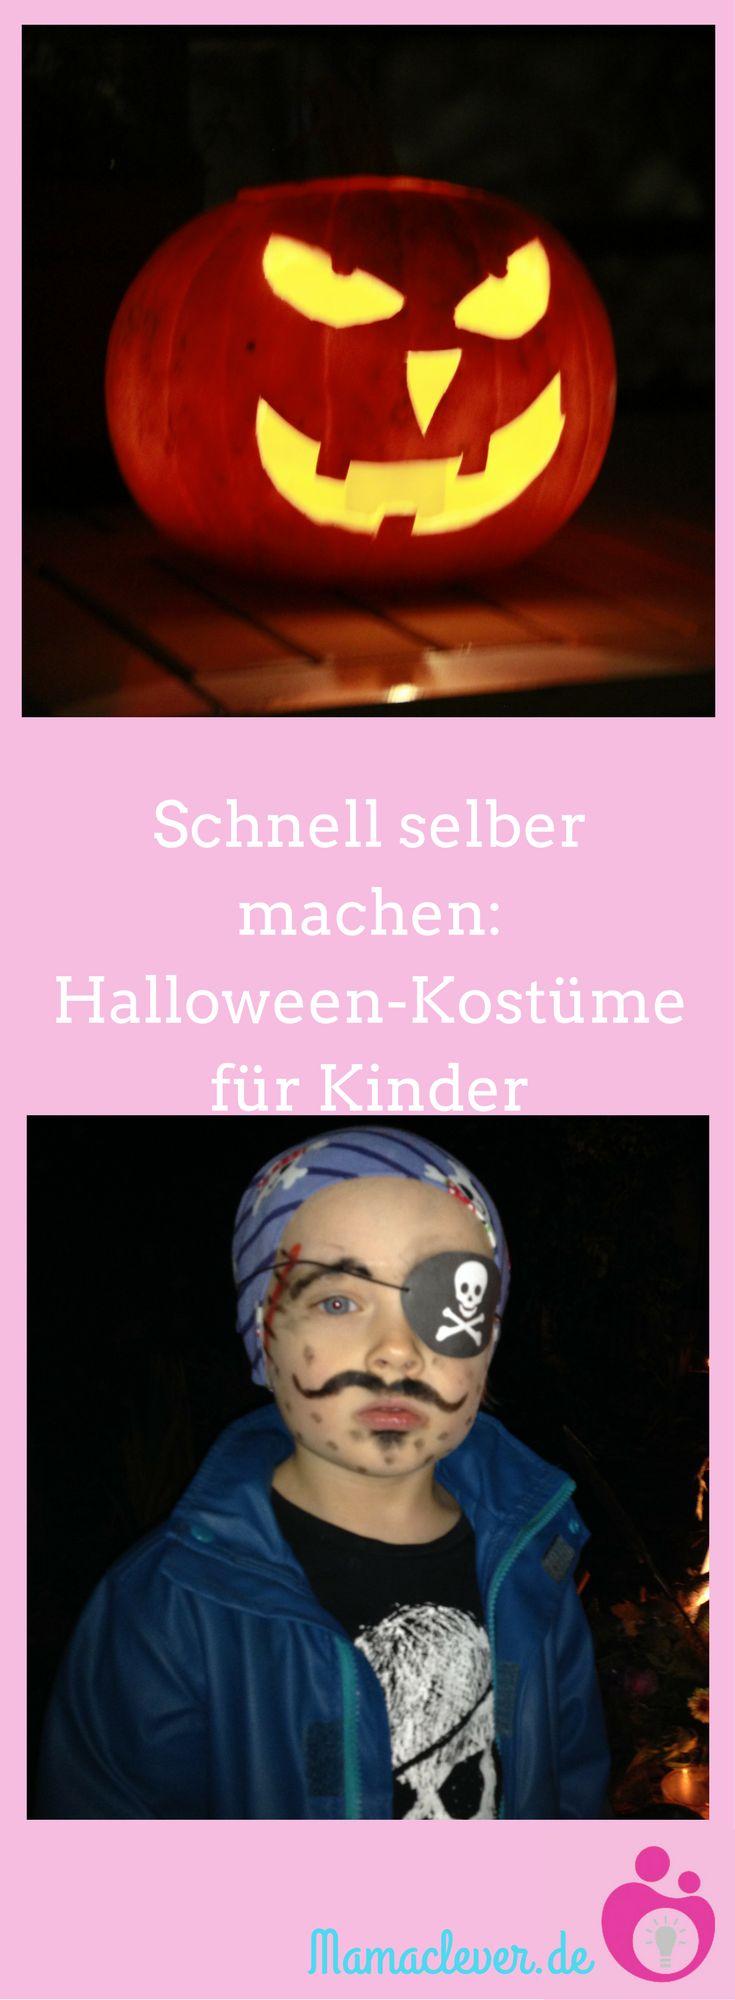 Ein Halloween-Kostüm fürs Kind selber zu machen muss gar nicht so aufwendig sein und ist auch für handarbeitlich Unbegabte möglich, wie Mamaclevers Tipps und Links zeigen. #Halloween #Kostüm #DIY #Kind